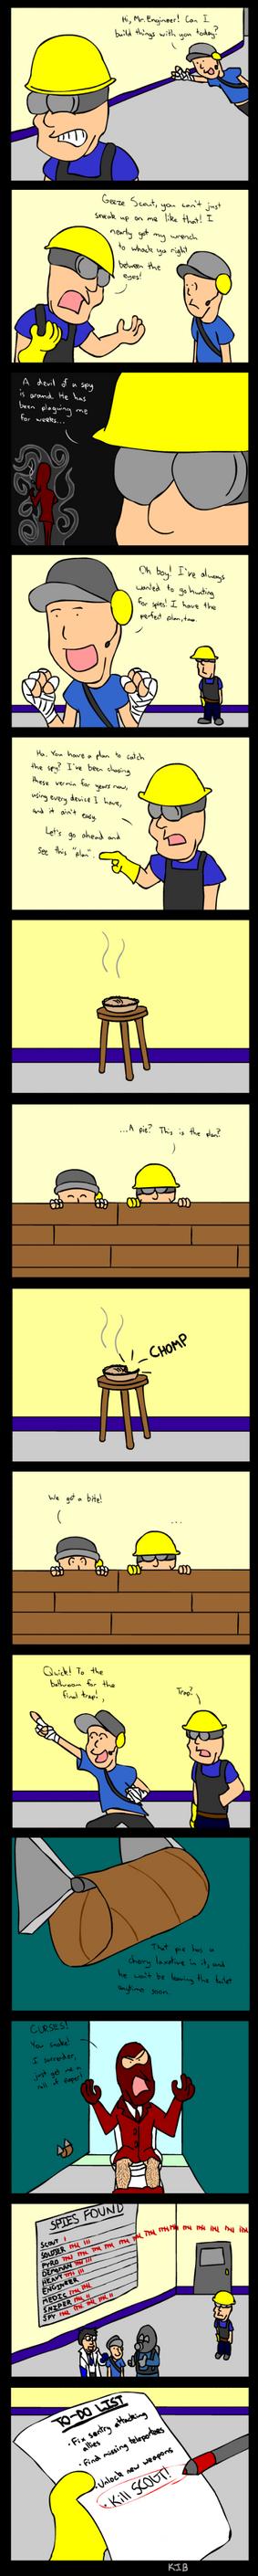 A Better Mousetrap by Kibbies